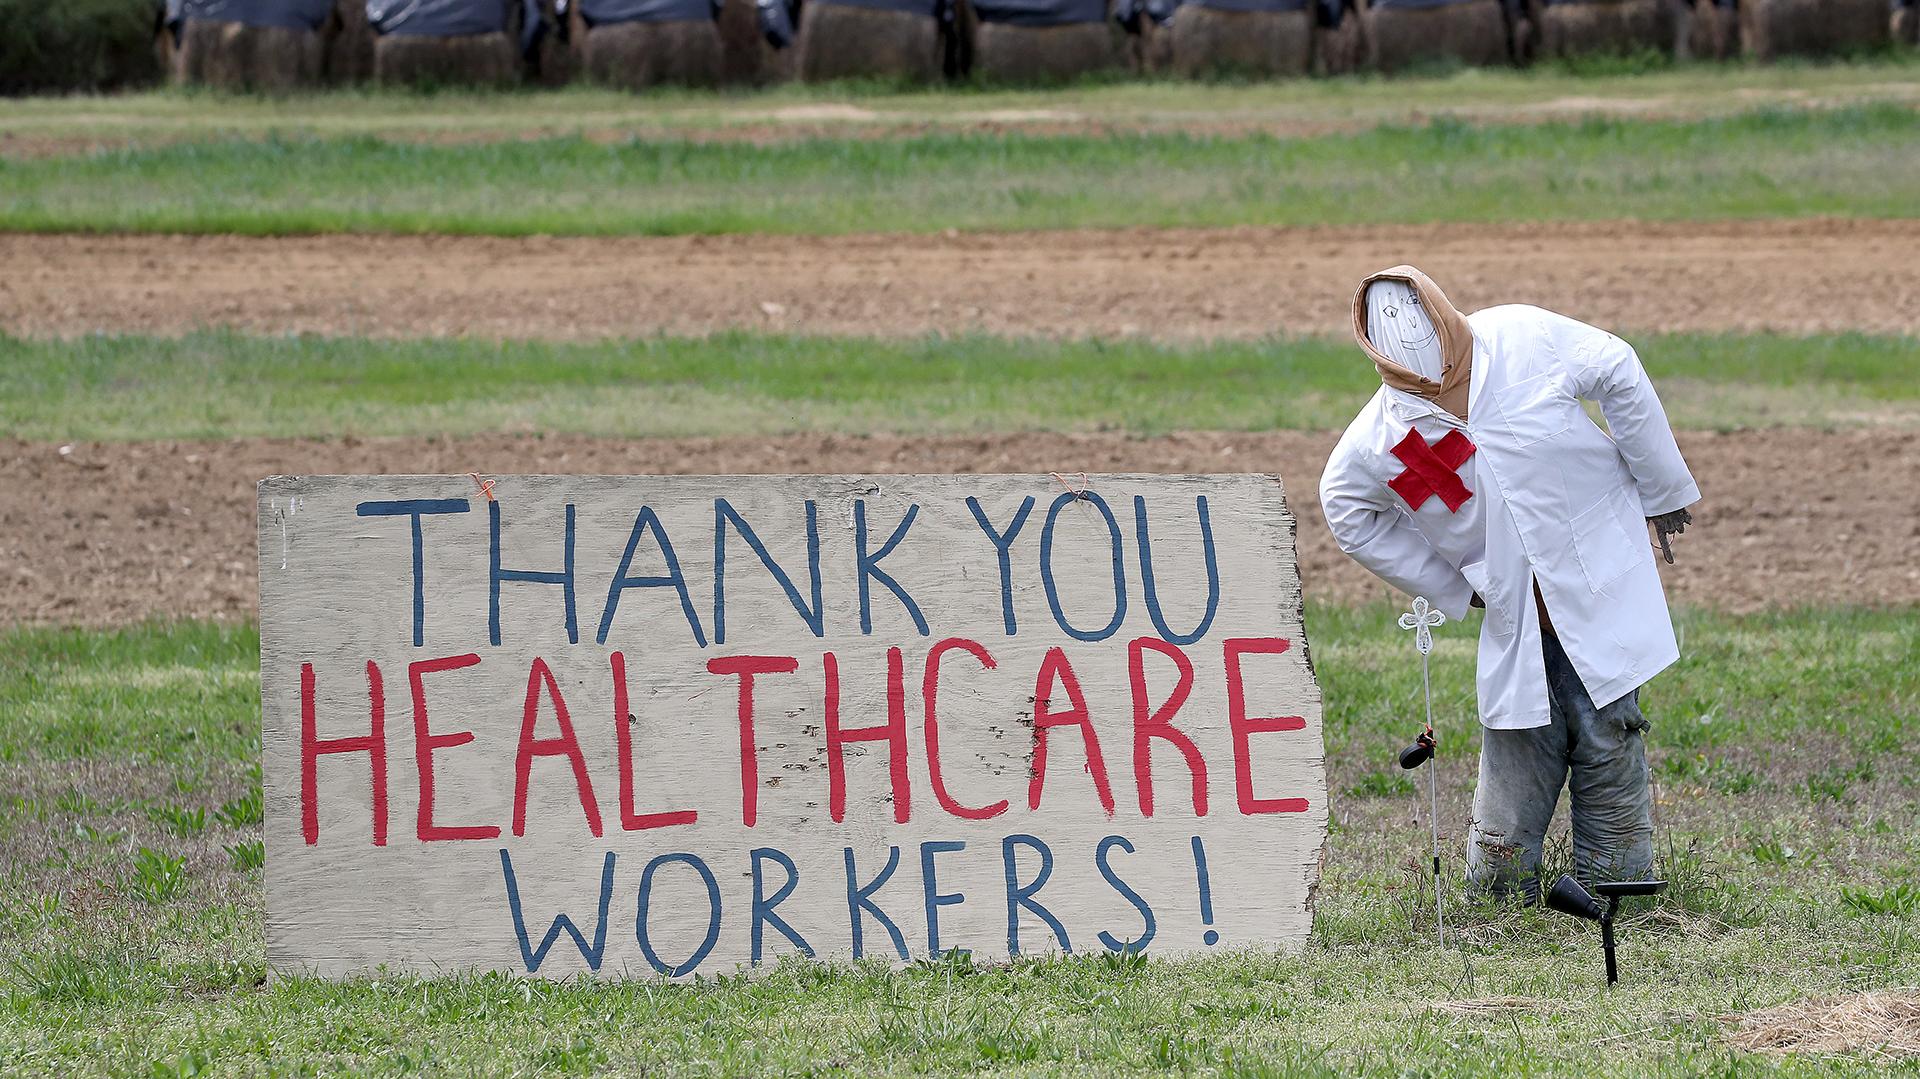 El homenaje en un campo deOwings, Maryland.Mark Wilson/Getty Images/AFP